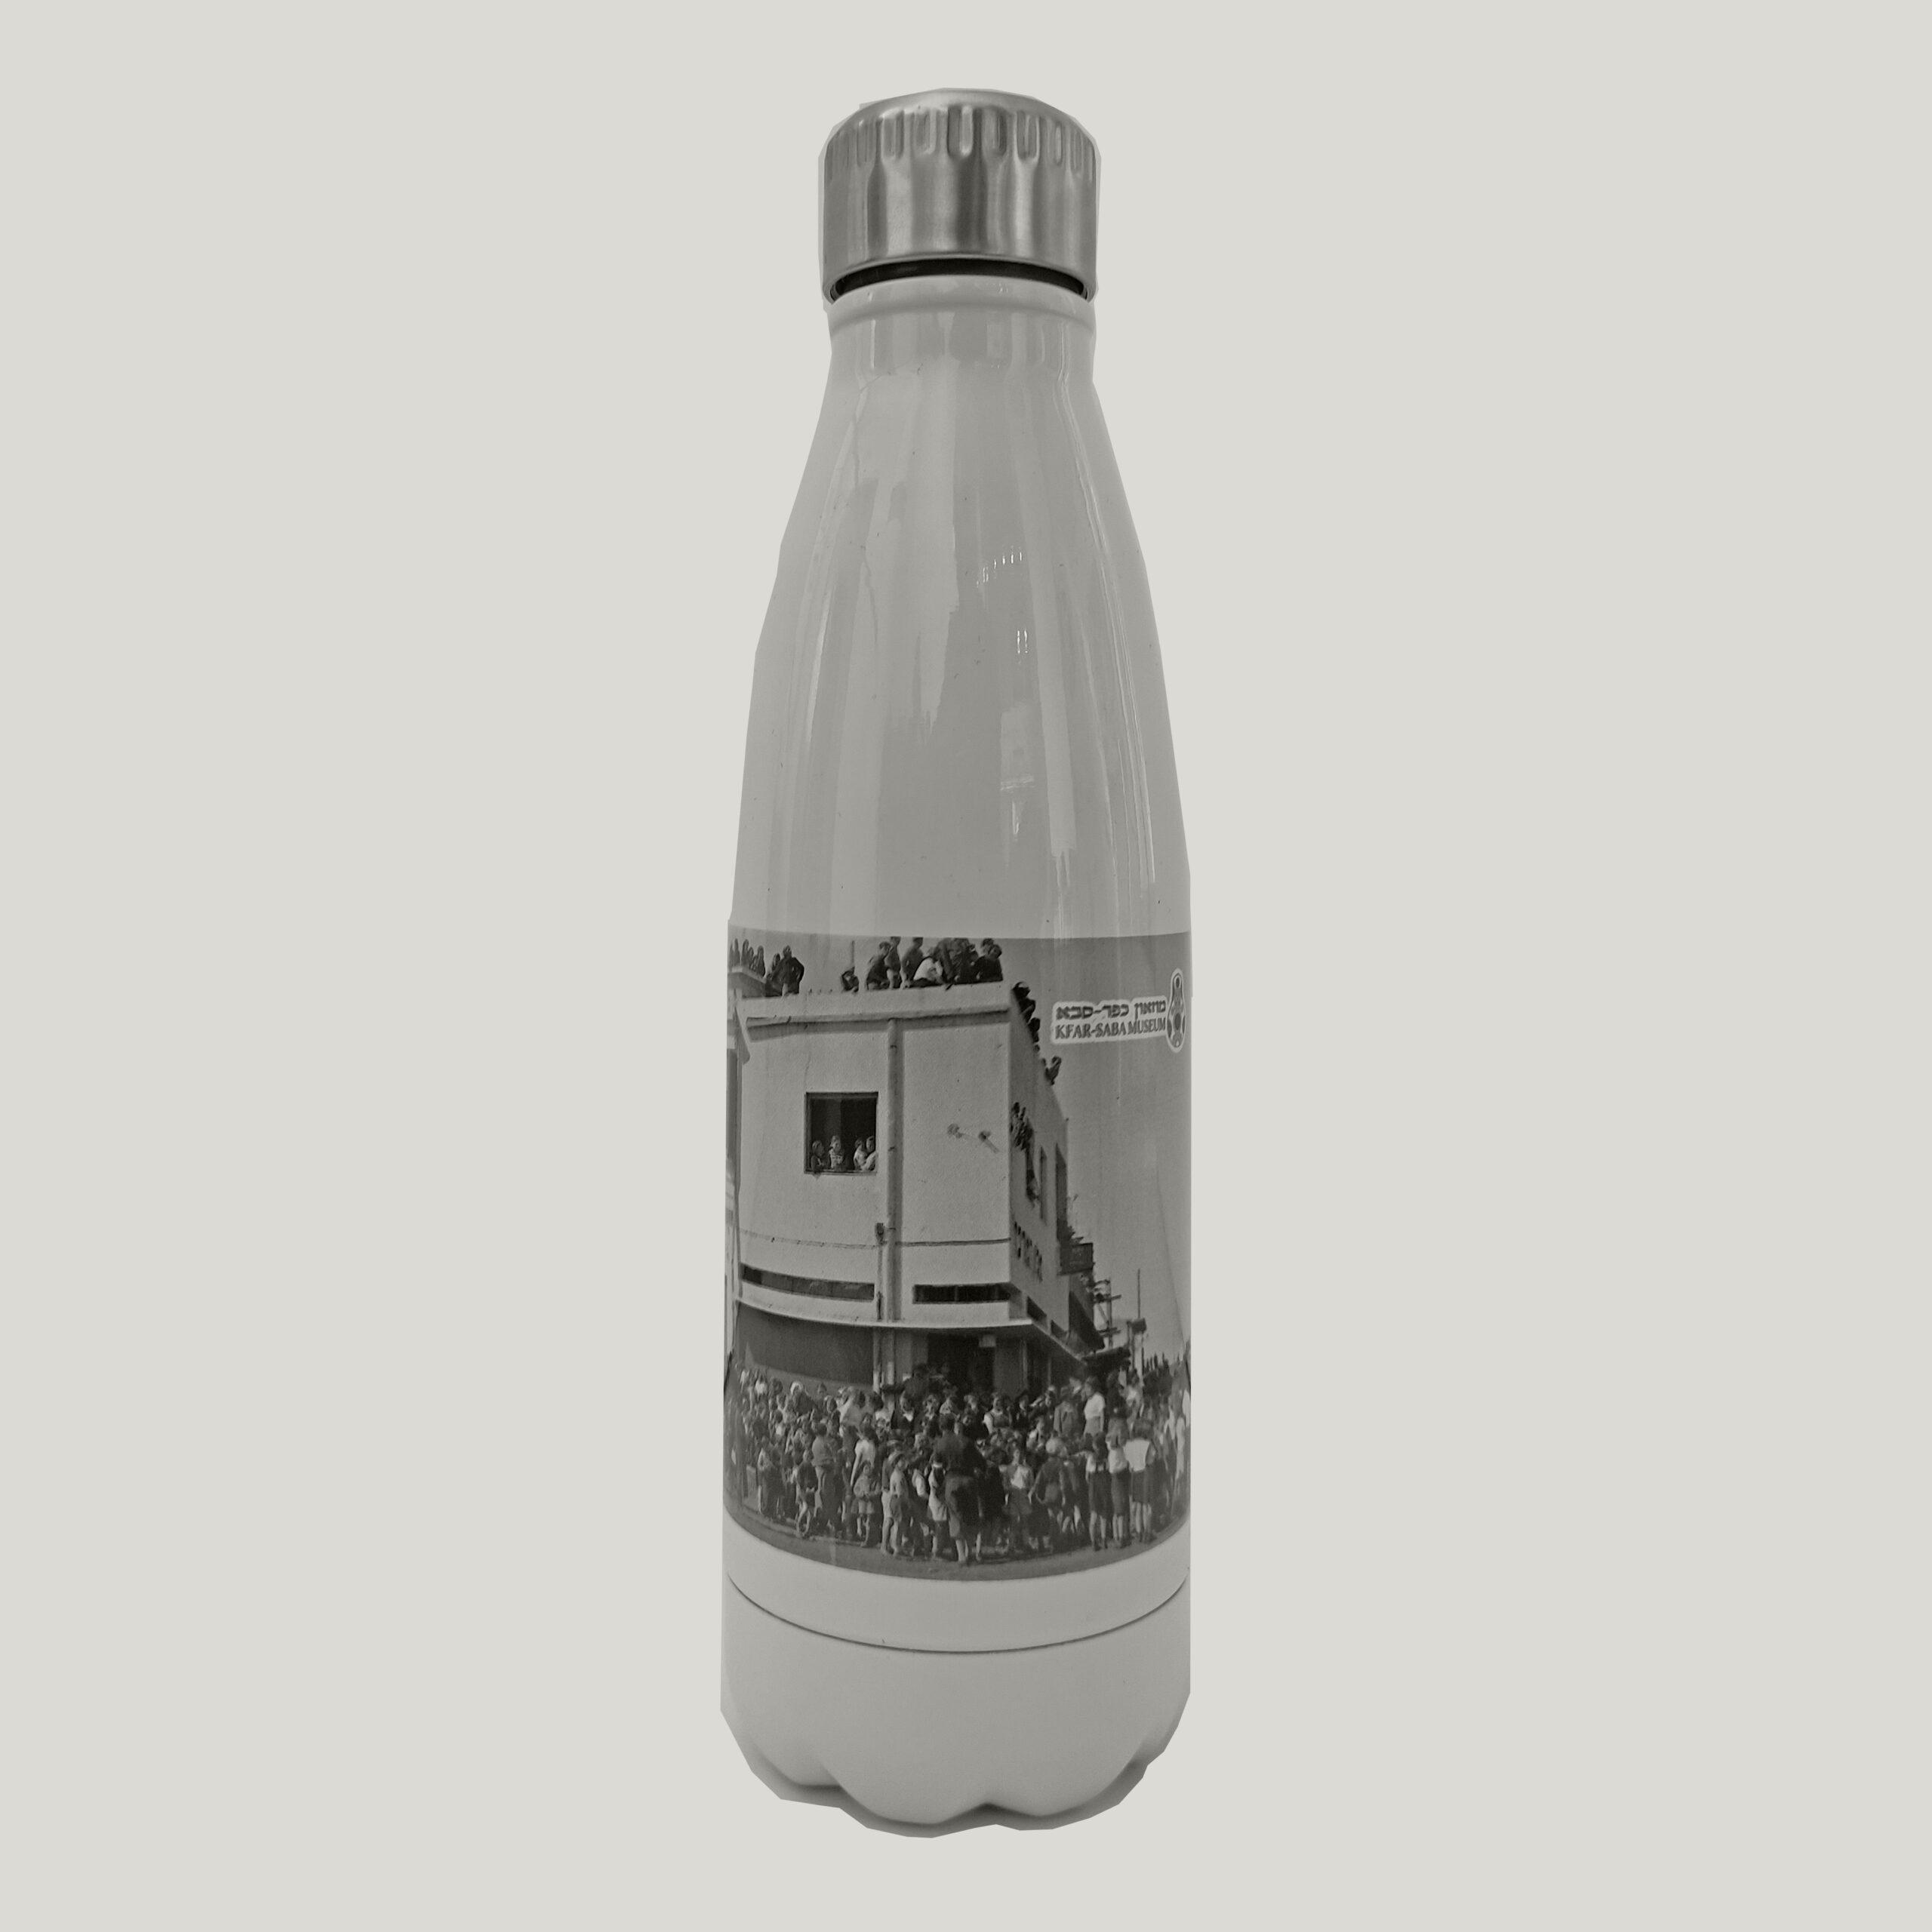 בקבוק טרמי עם צילום היסטורי